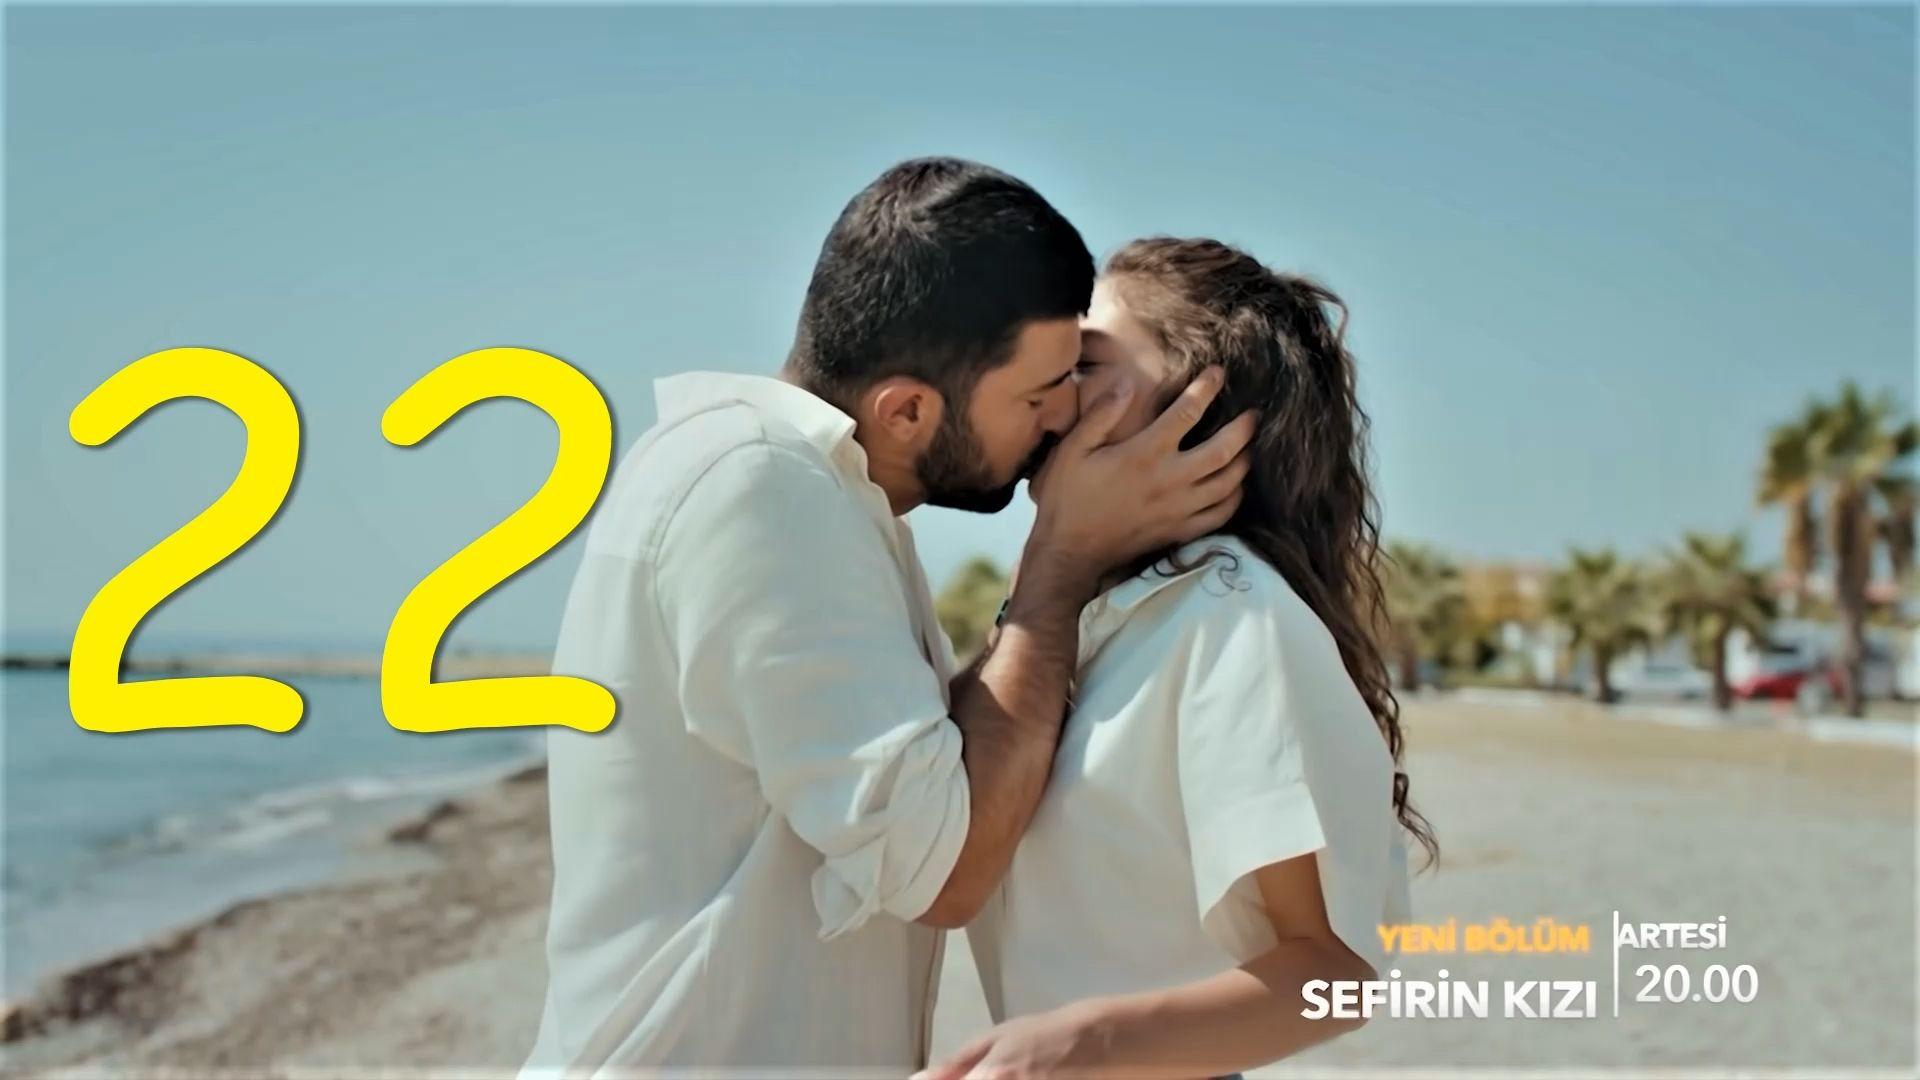 مسلسل ابنة السفير الحلقة 22 مترجمة ابنة السفير ٢٢ قصة عشق Couple Photos Couples Photo